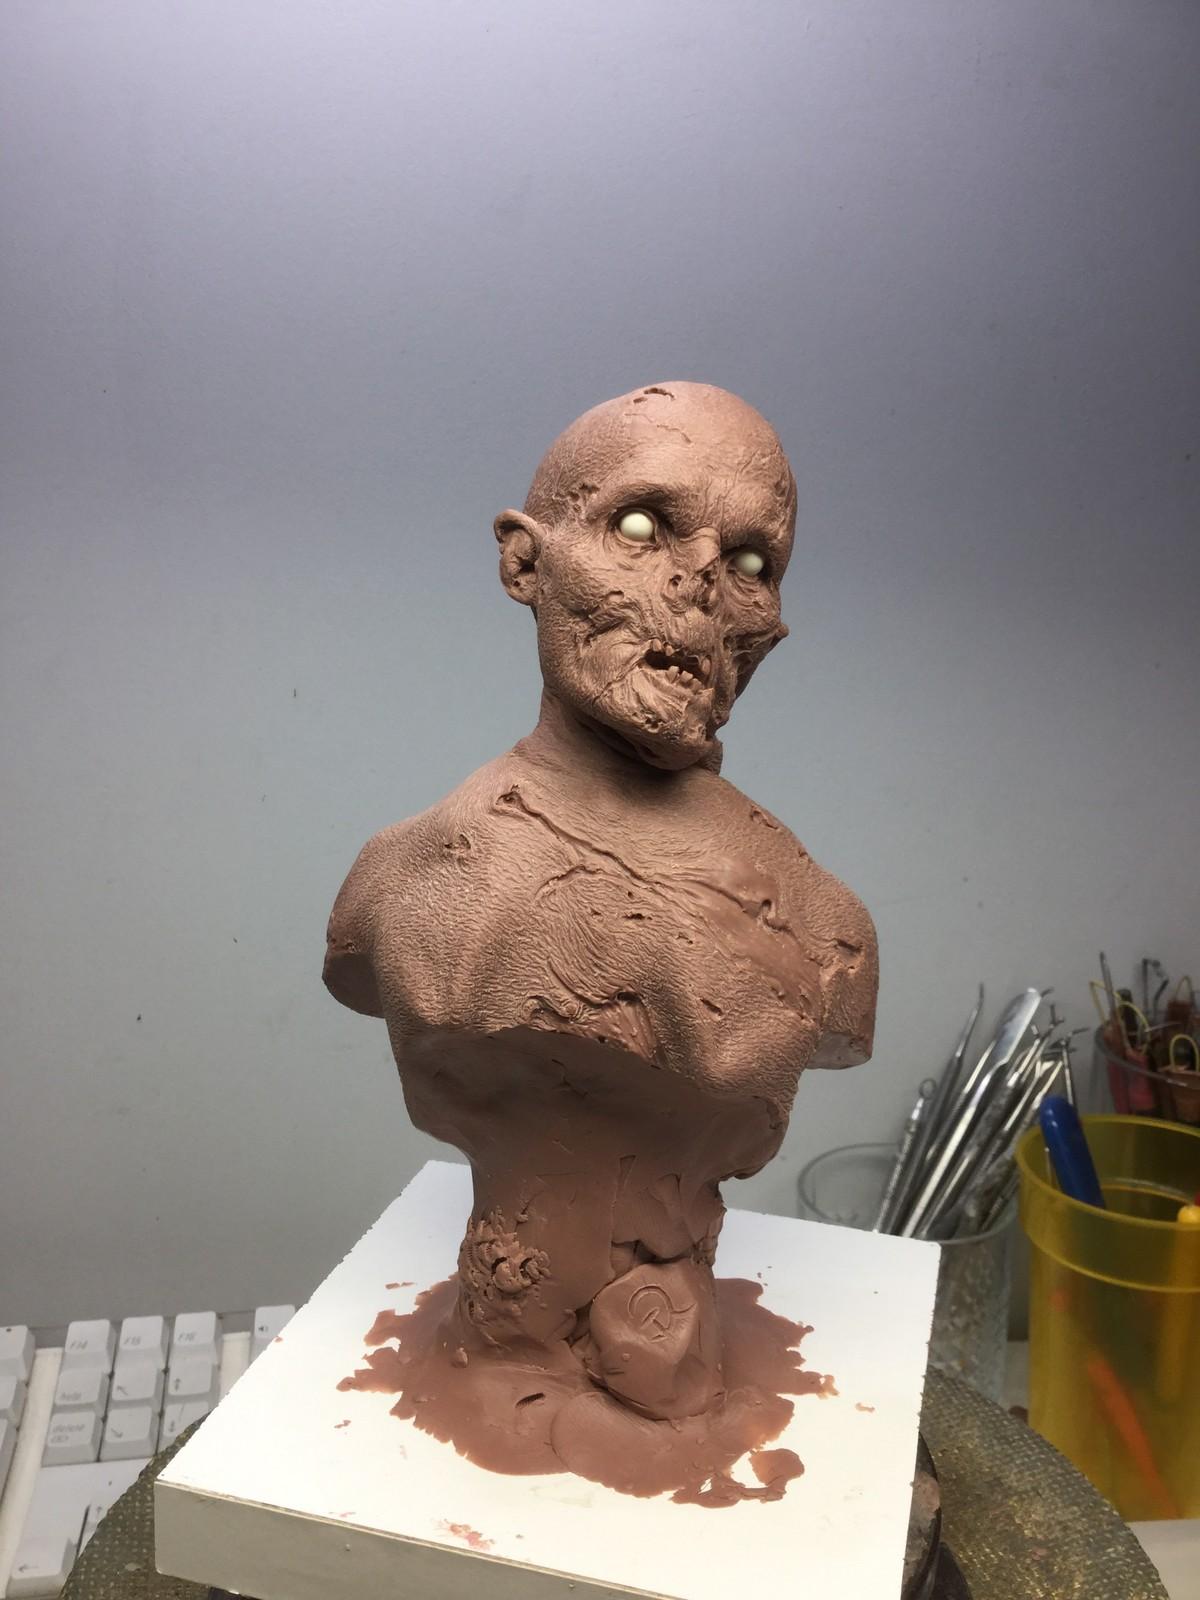 Zombies with broken neck